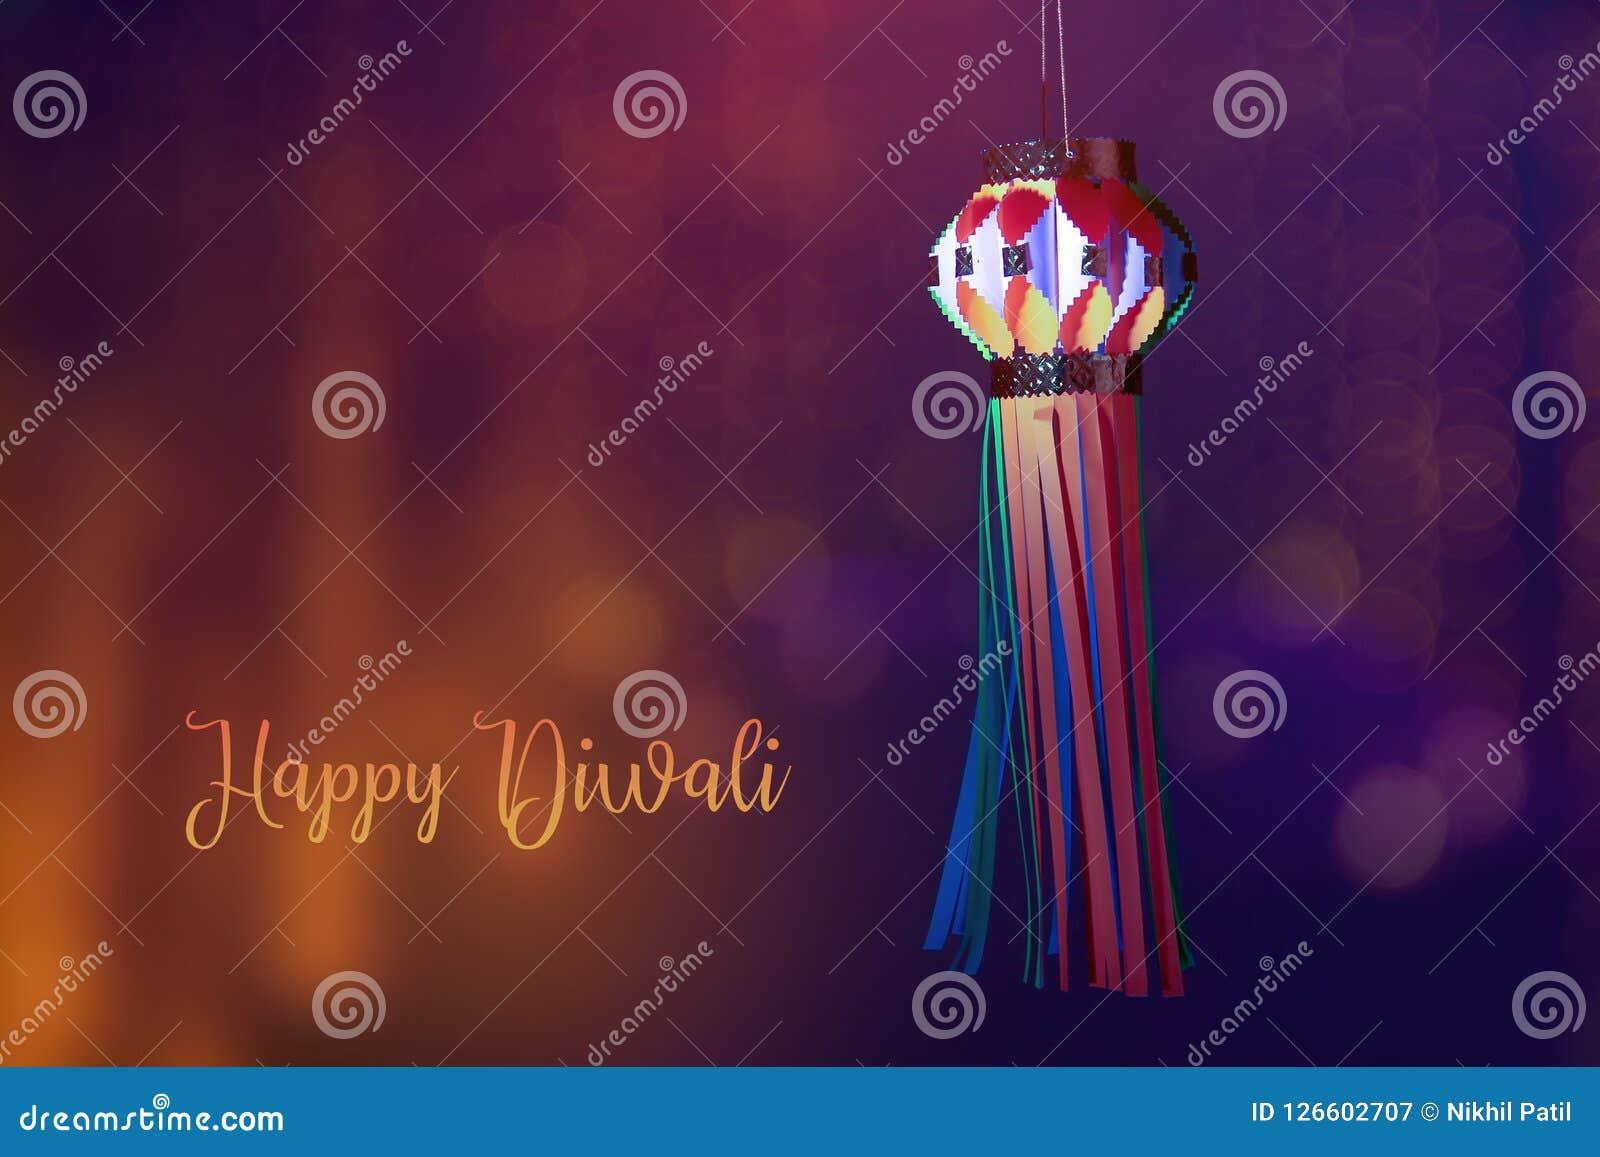 印地安节日屠妖节,灯笼